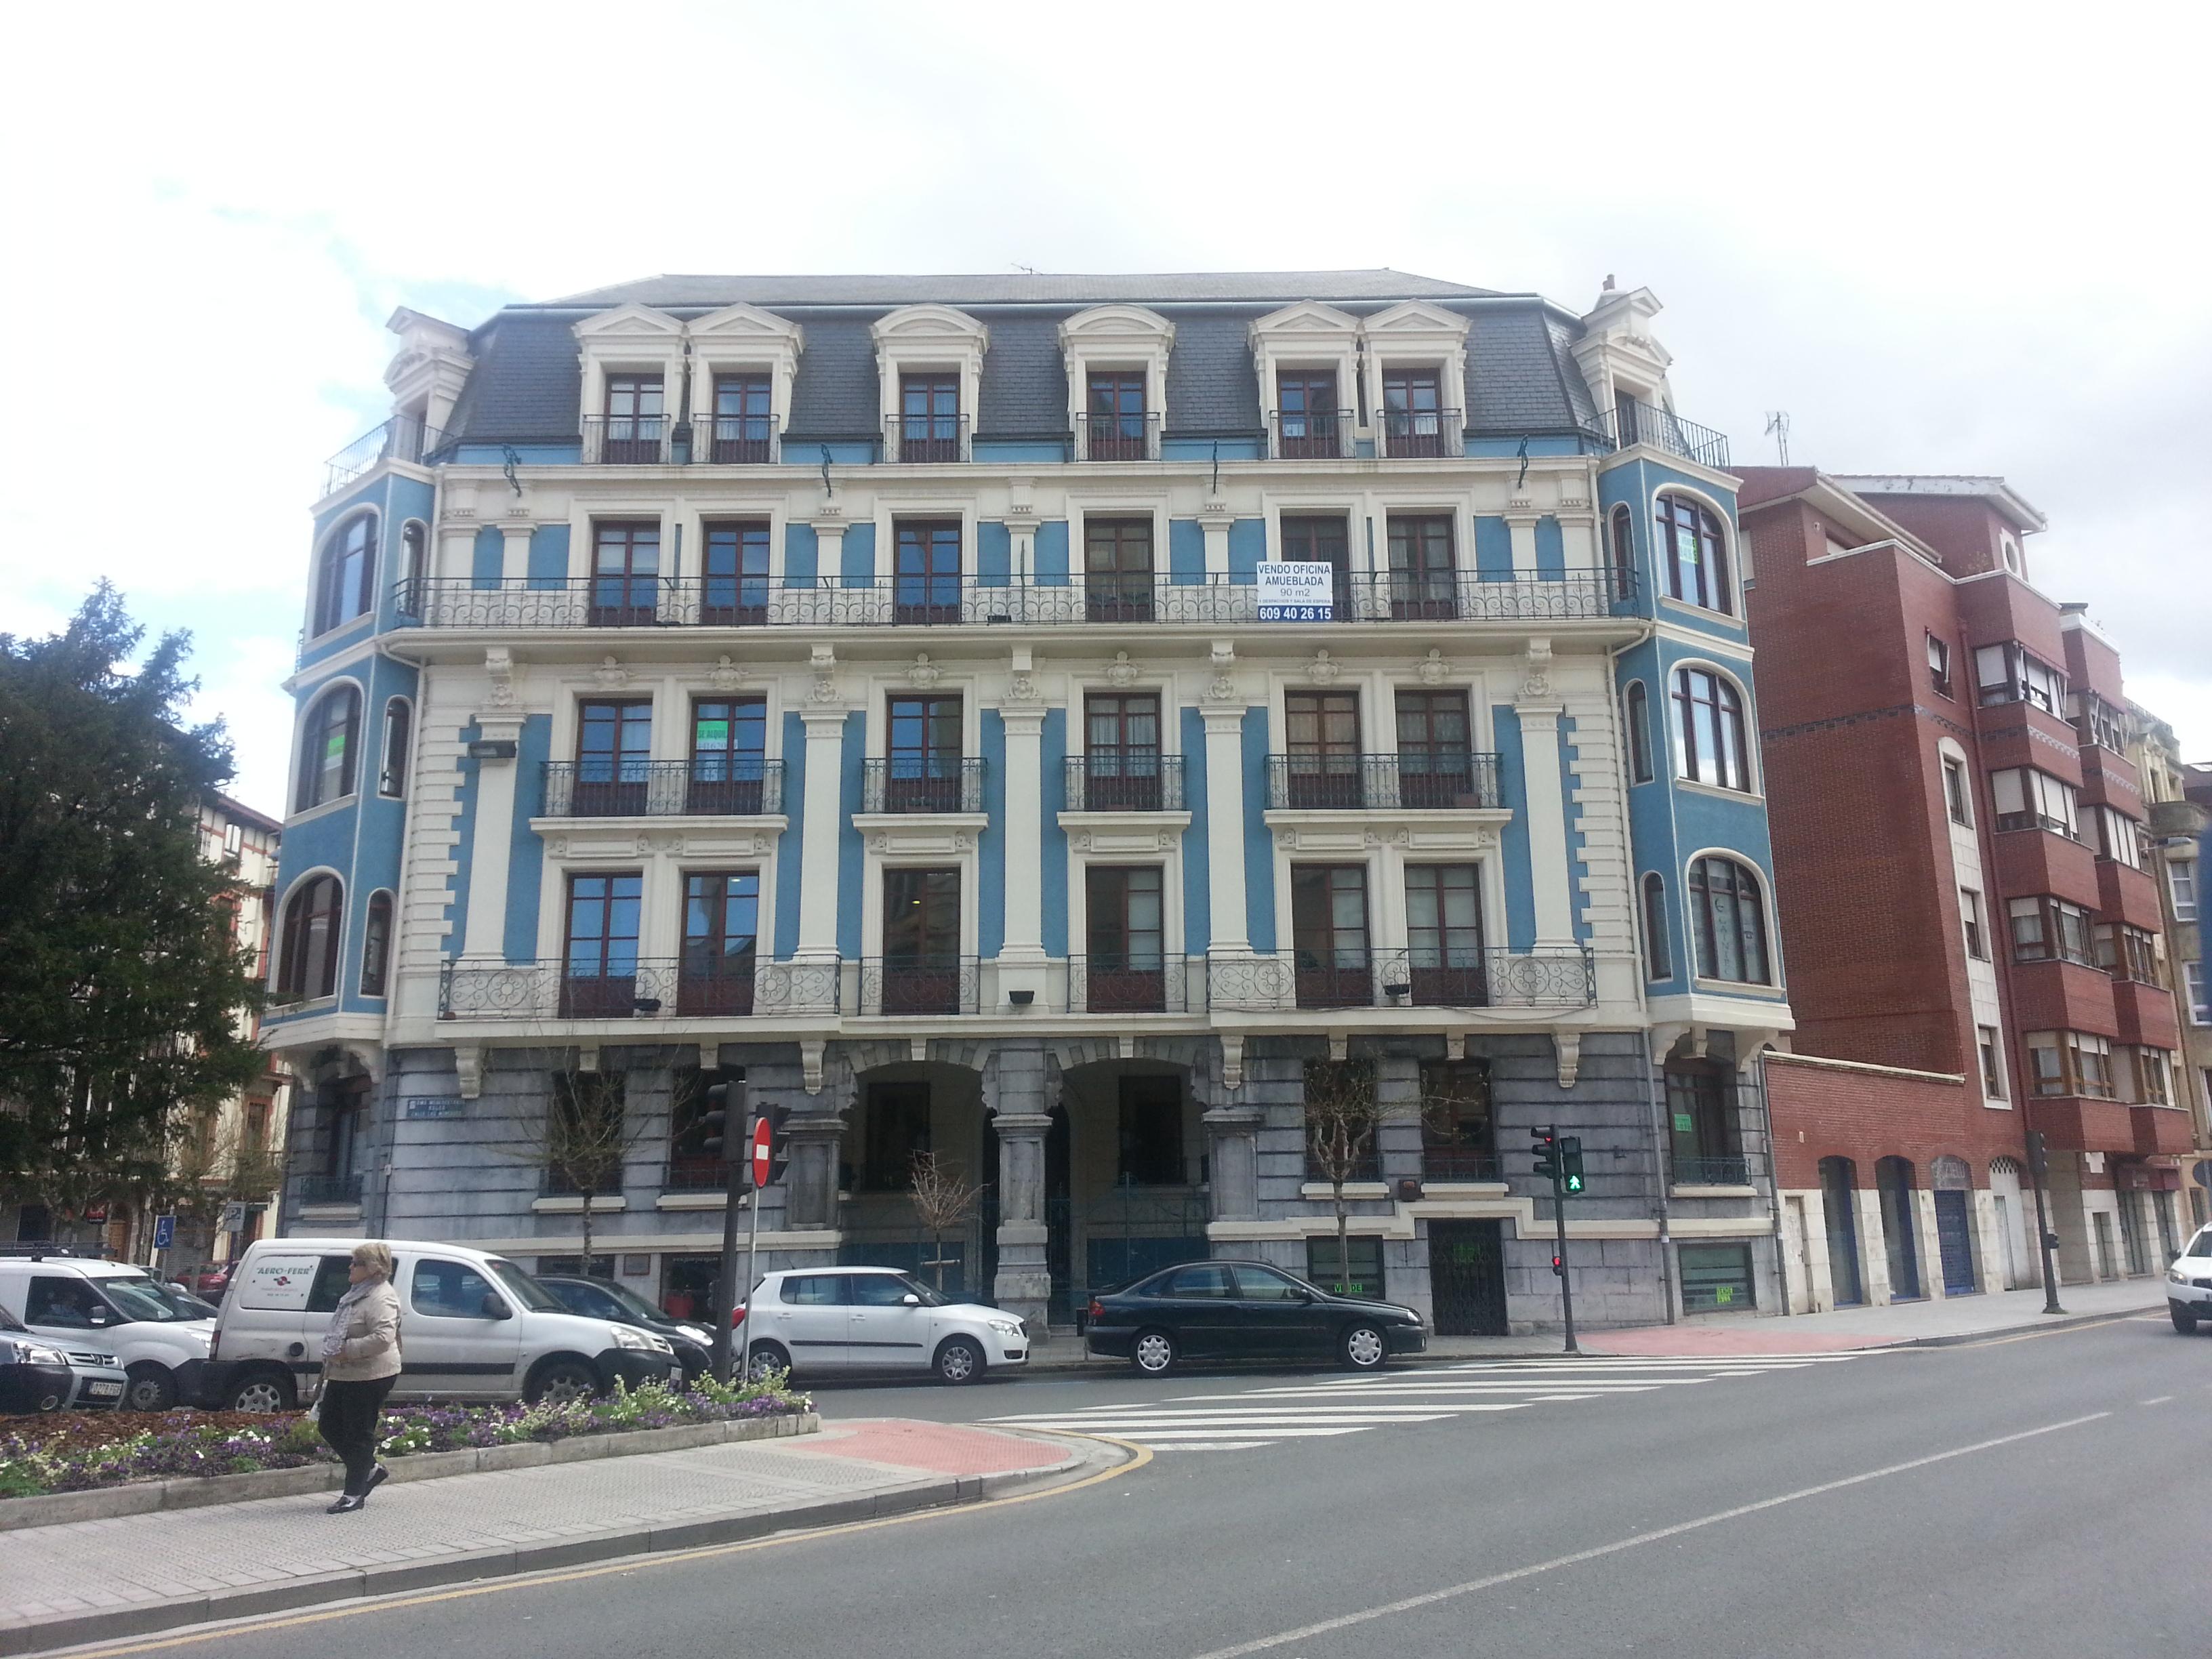 Martín & Herranz Asesores - Asesoría y Abogados en Las Arenas (Getxo) | CALLE LAS MERCEDES, 8 - AREETA 2 E, 48930 Getxo (Biscay) | +34 946 559 198